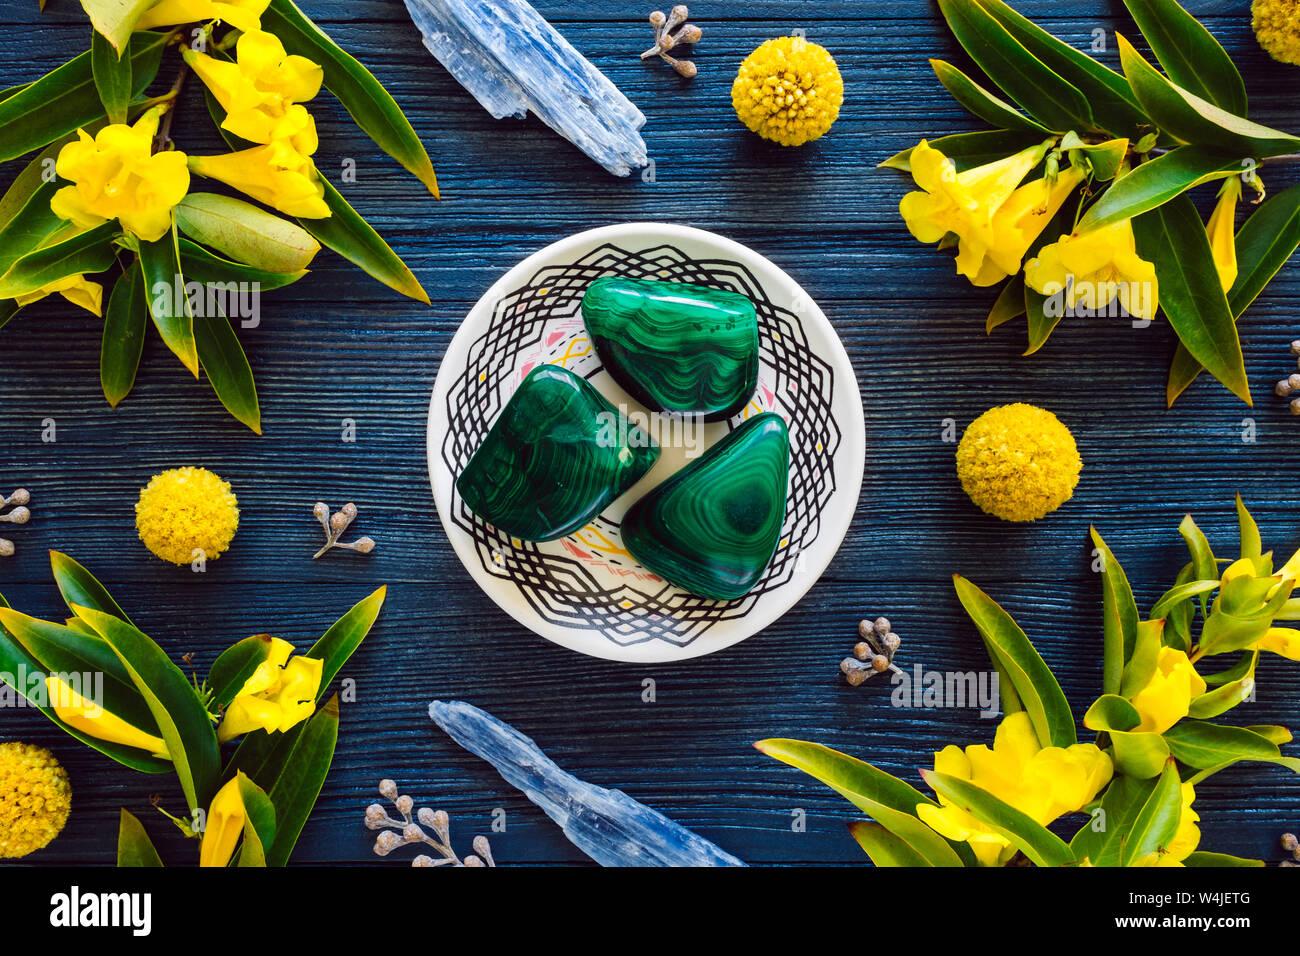 Con Malaquita Kyanite Azul y Amarillo Floración Vid trompeta de madera teñida de color azul Foto de stock